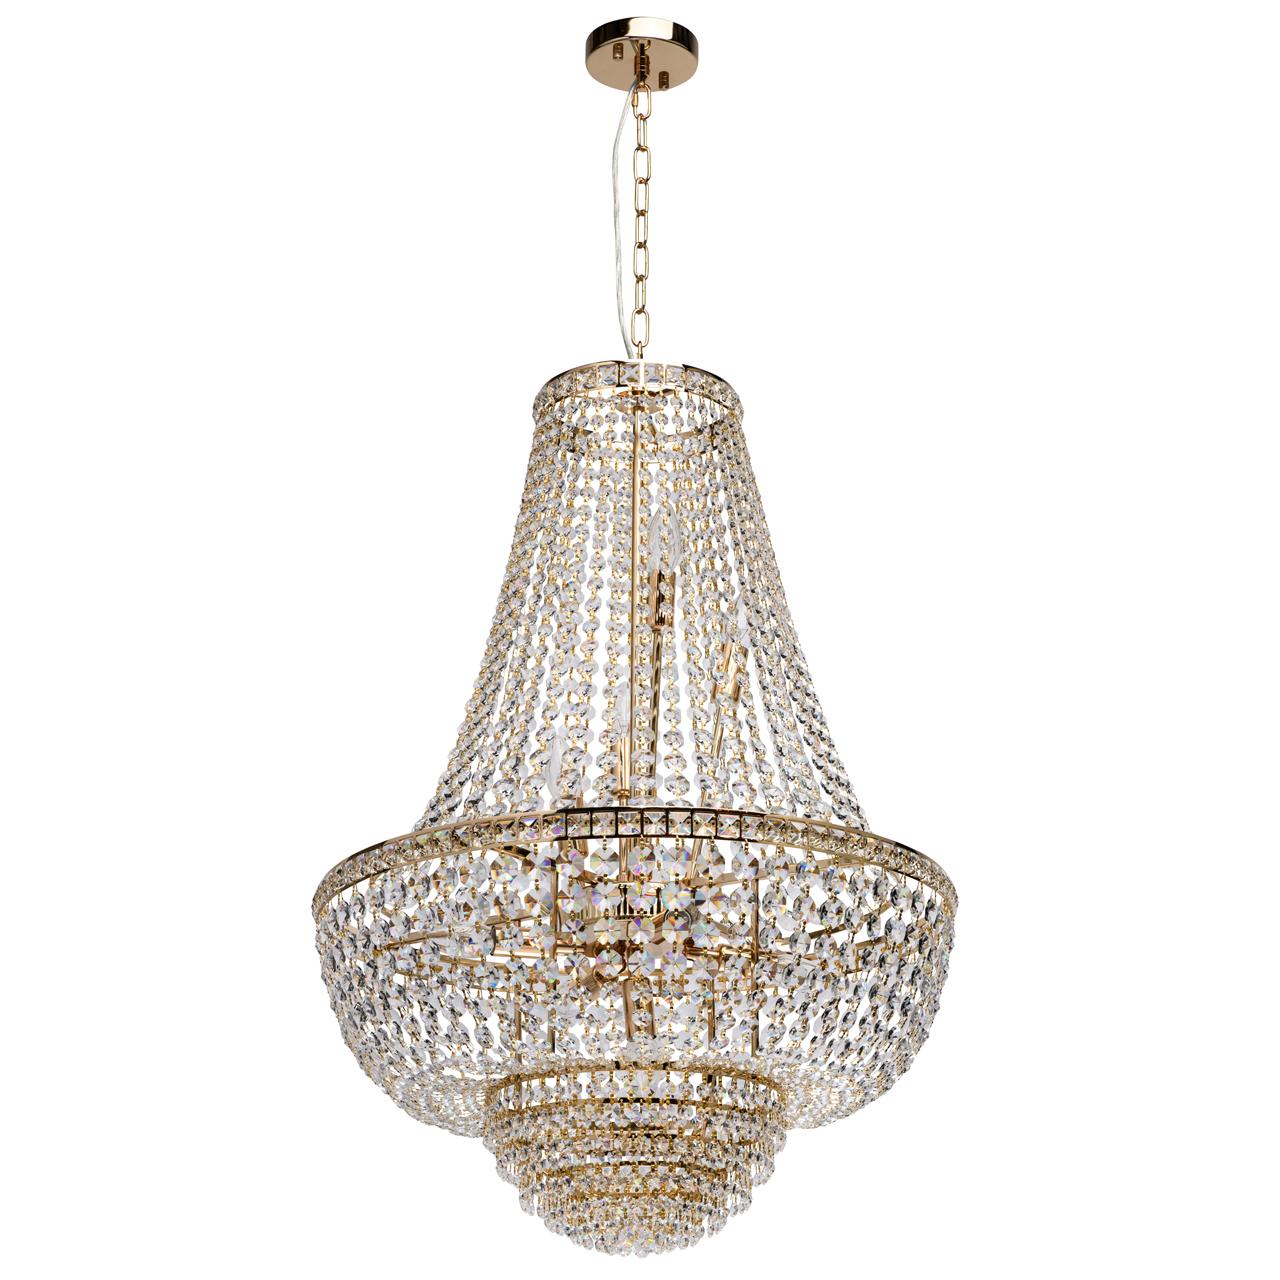 Подвесная люстра MW-Light Патриция 447011509, золото, прозрачный, металл, хрусталь - фото 1